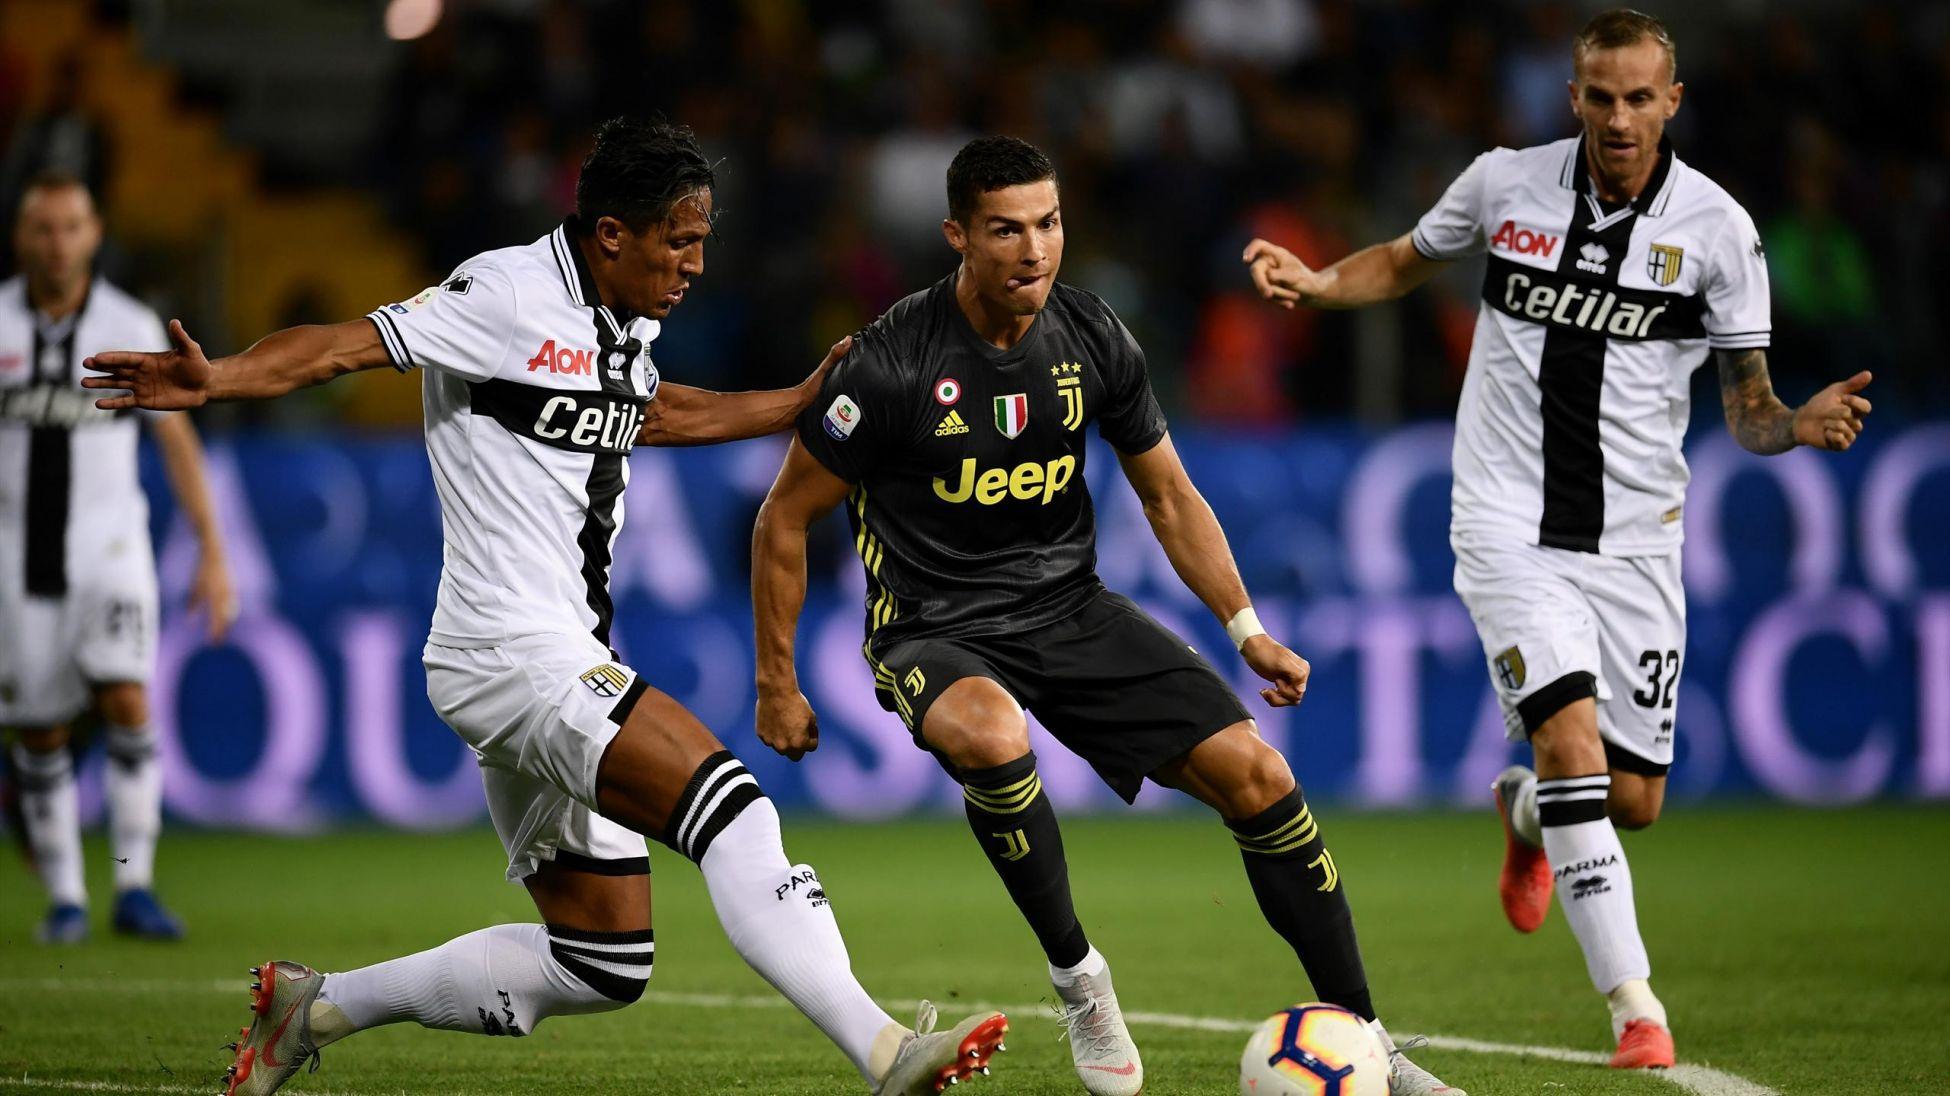 Sans Ronaldo, le Real est moins fort — Messi